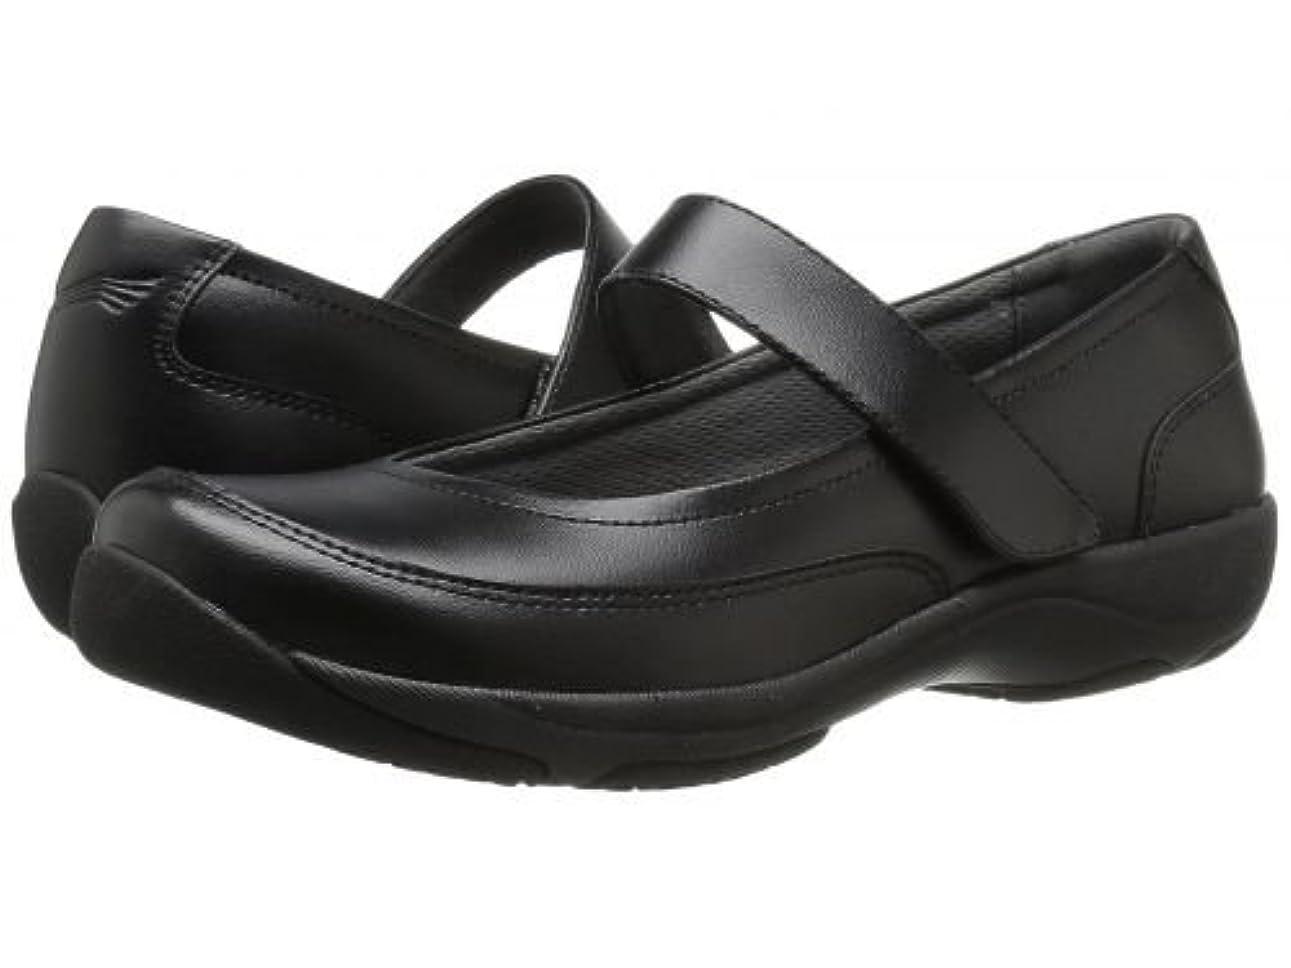 エミュレートするめるスナップ[ダンスコ] レディース 女性用 シューズ 靴 フラット Edith - Black Leather [並行輸入品]